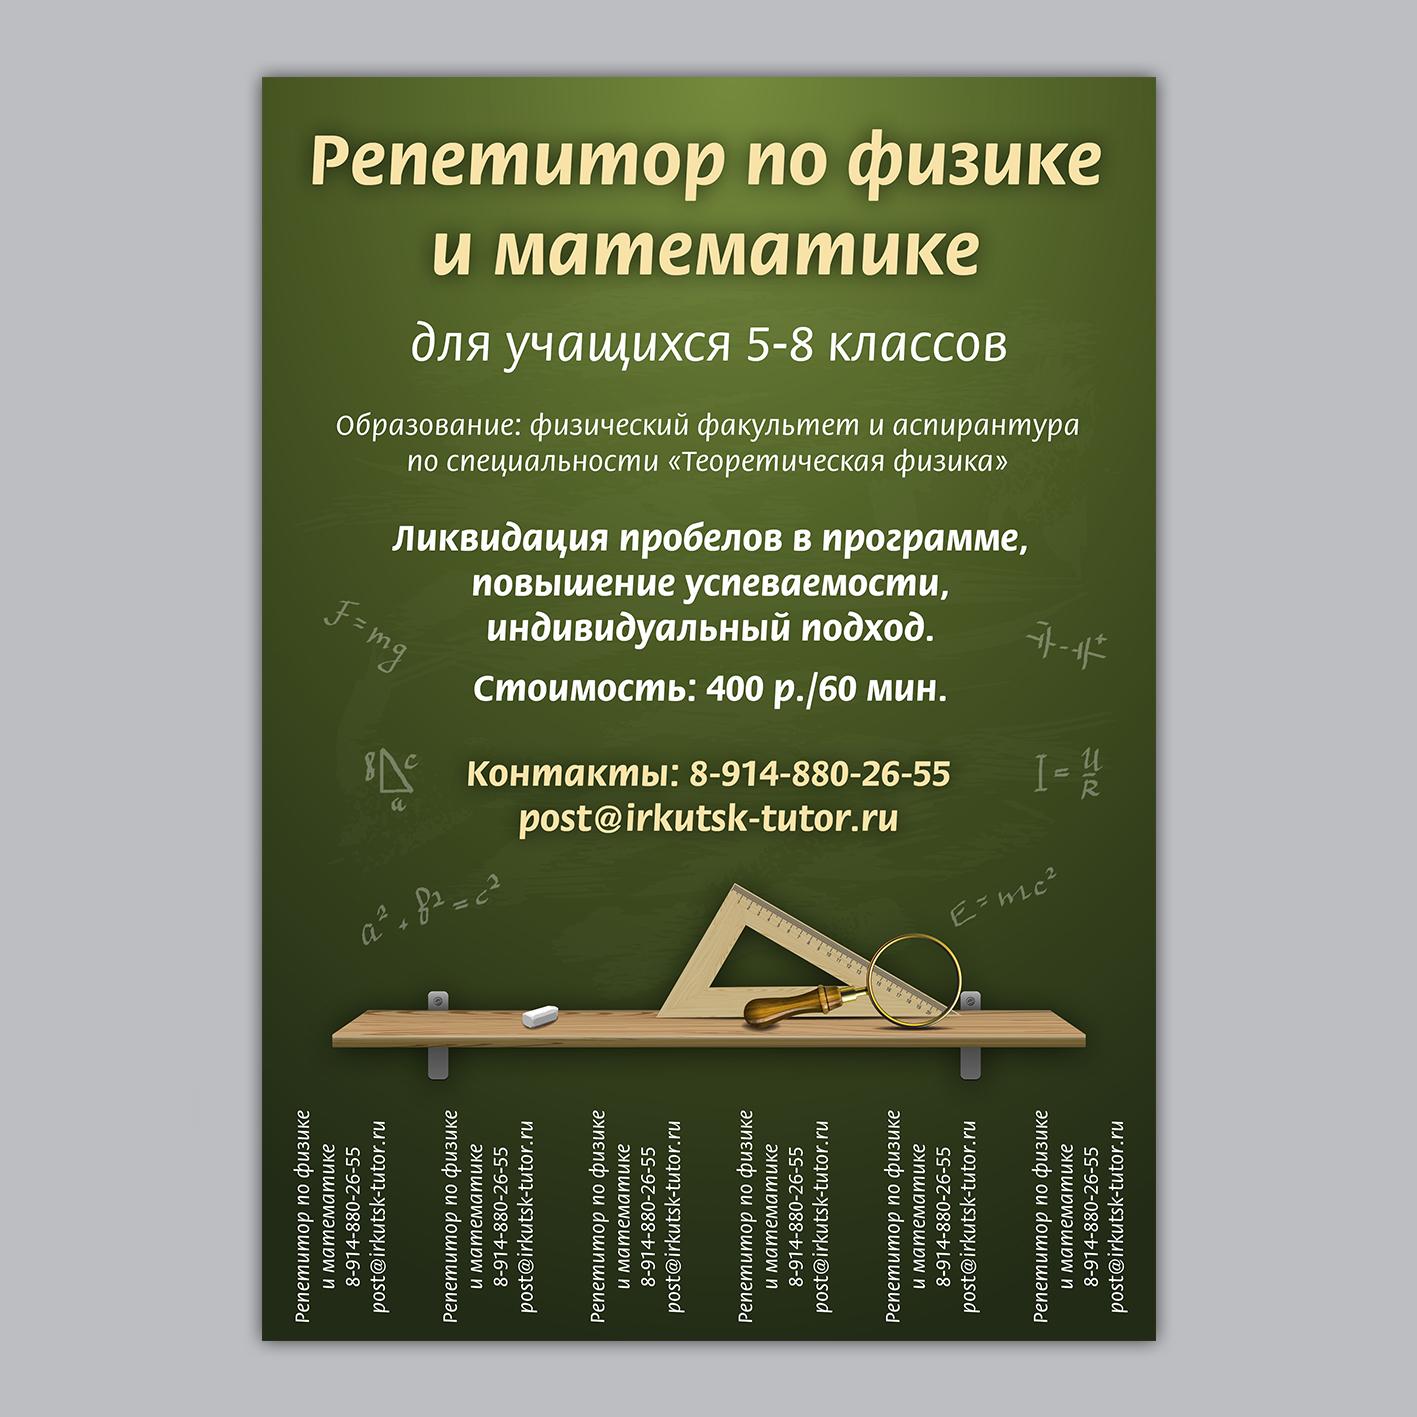 Подать объявление на репетитора дать объявление о продаже недвижимости в подмосковье